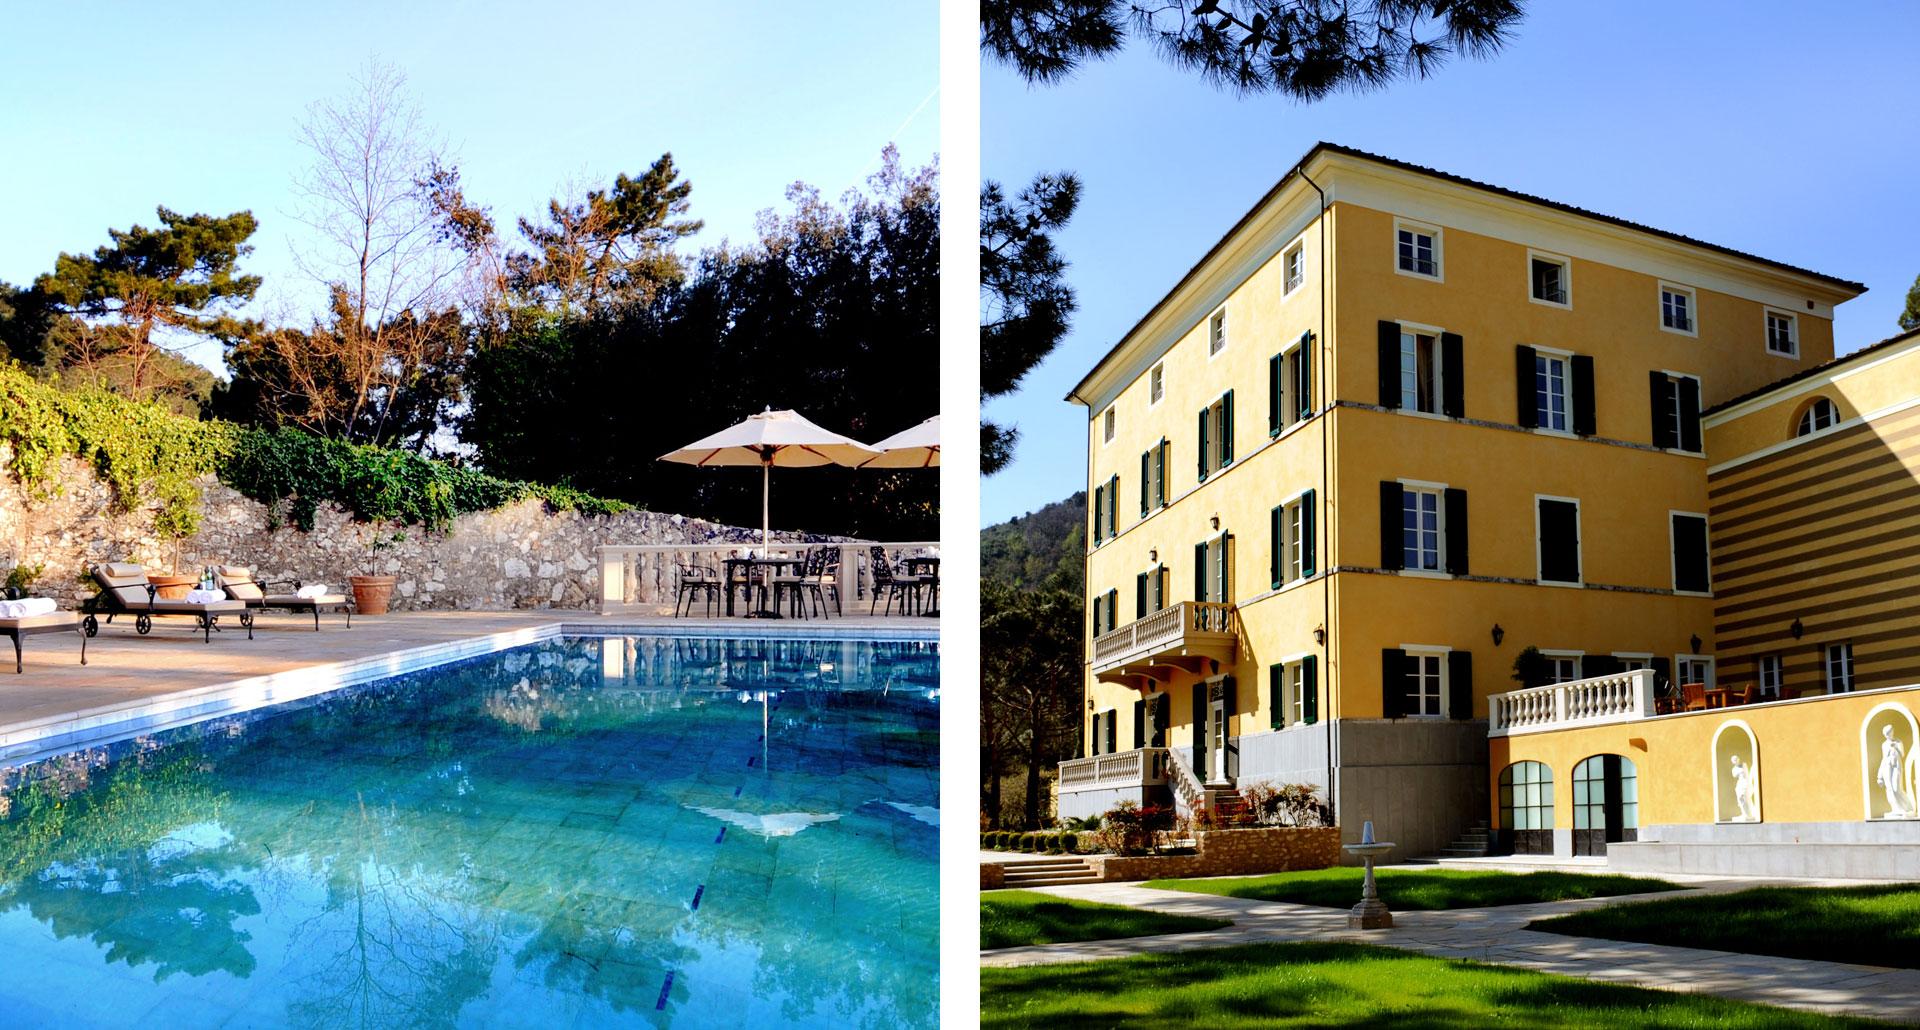 Albergo Villa Casanova - boutique hotel in Lucques